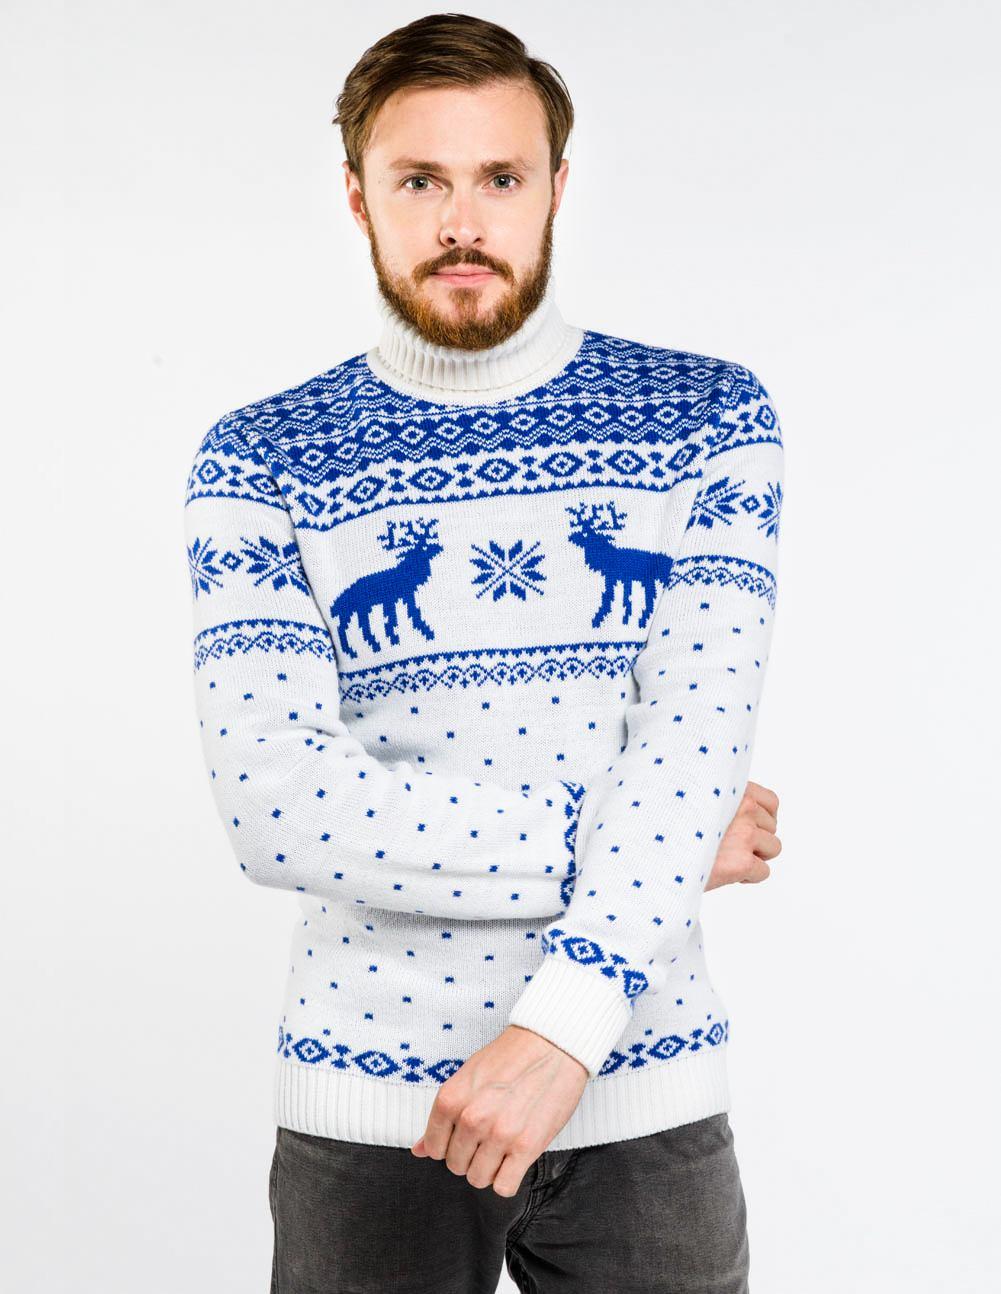 72b20fdc3d70 Купить мужские свитера с оленями по низким ценам в интернет-магазине ...